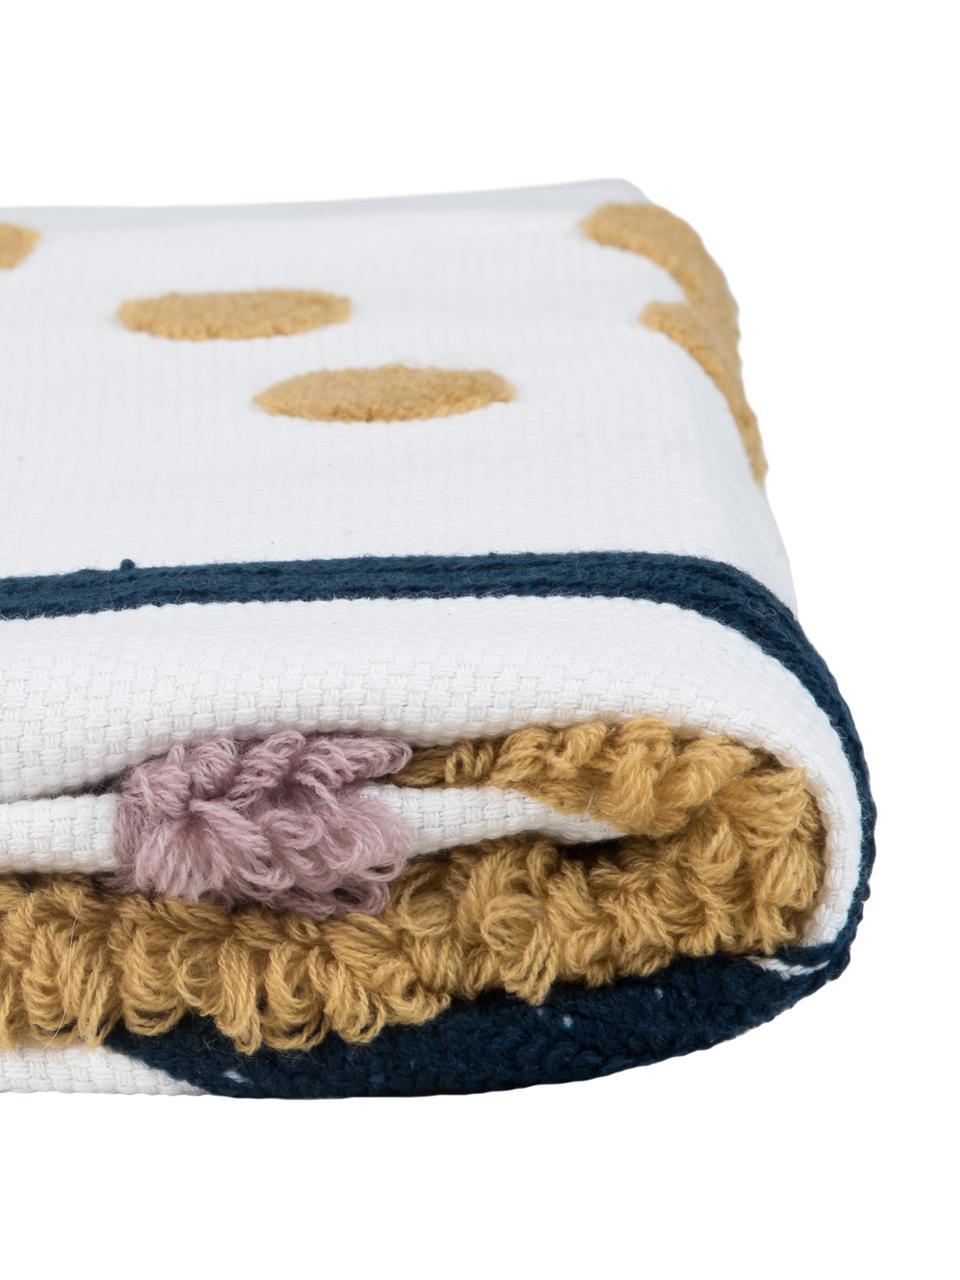 Baumwollplaid Pablo mit abstrakter Verzierung, 100% Baumwolle, Vorderseite: Mehrfarbig Rückseite: Weiß, 130 x 170 cm